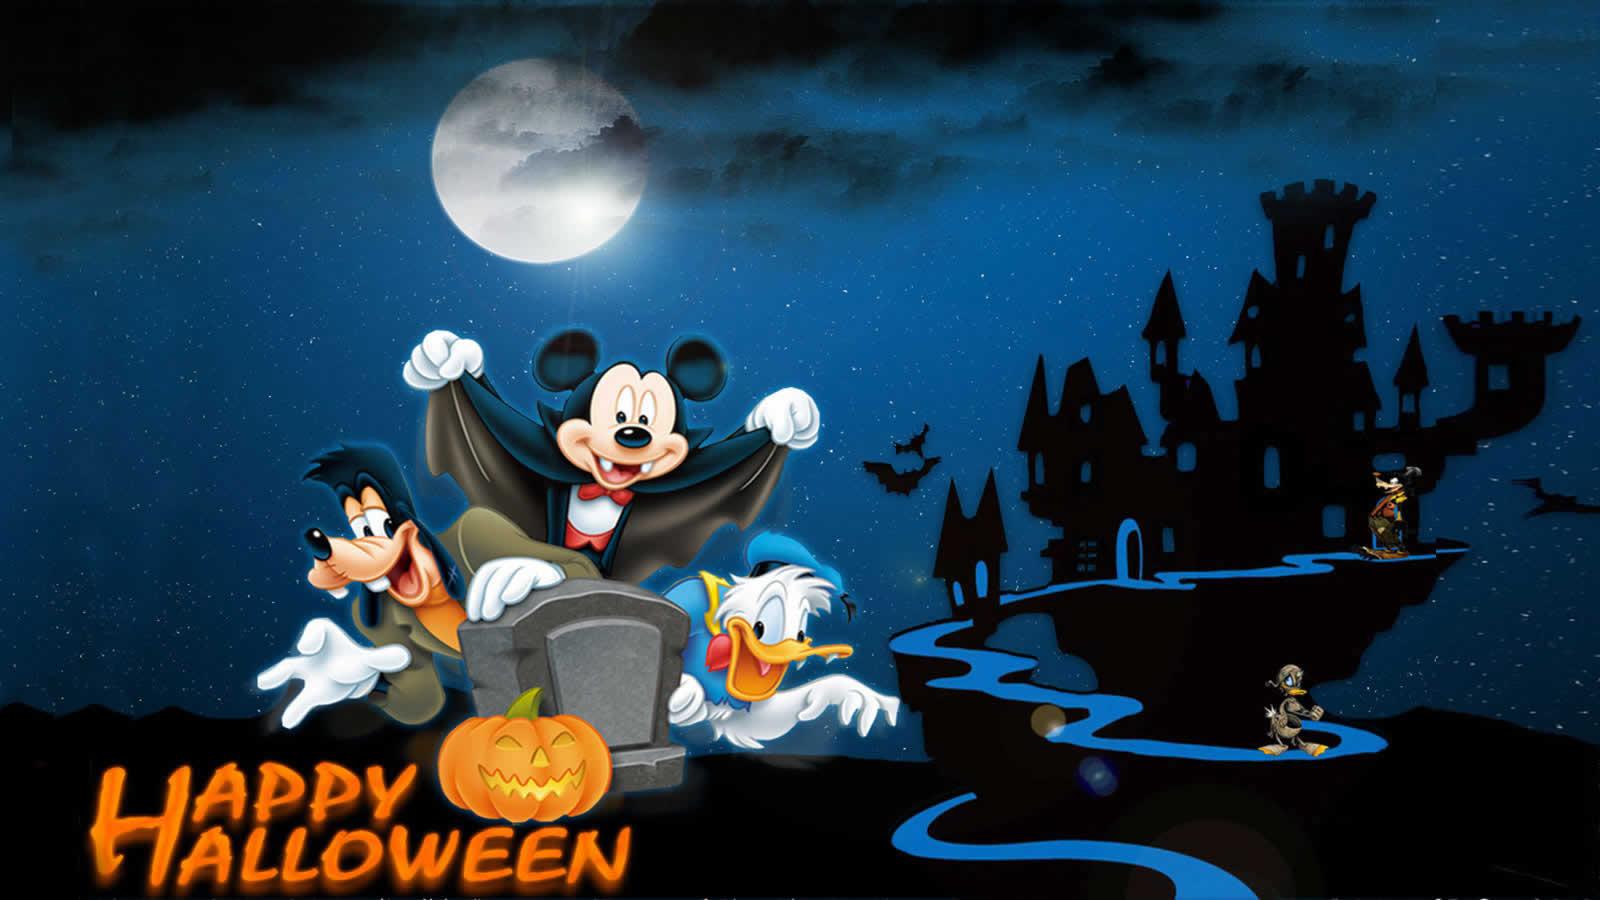 Looney Tunes Halloween Wallpapers Halloween Movie Wallpapers 1600x900